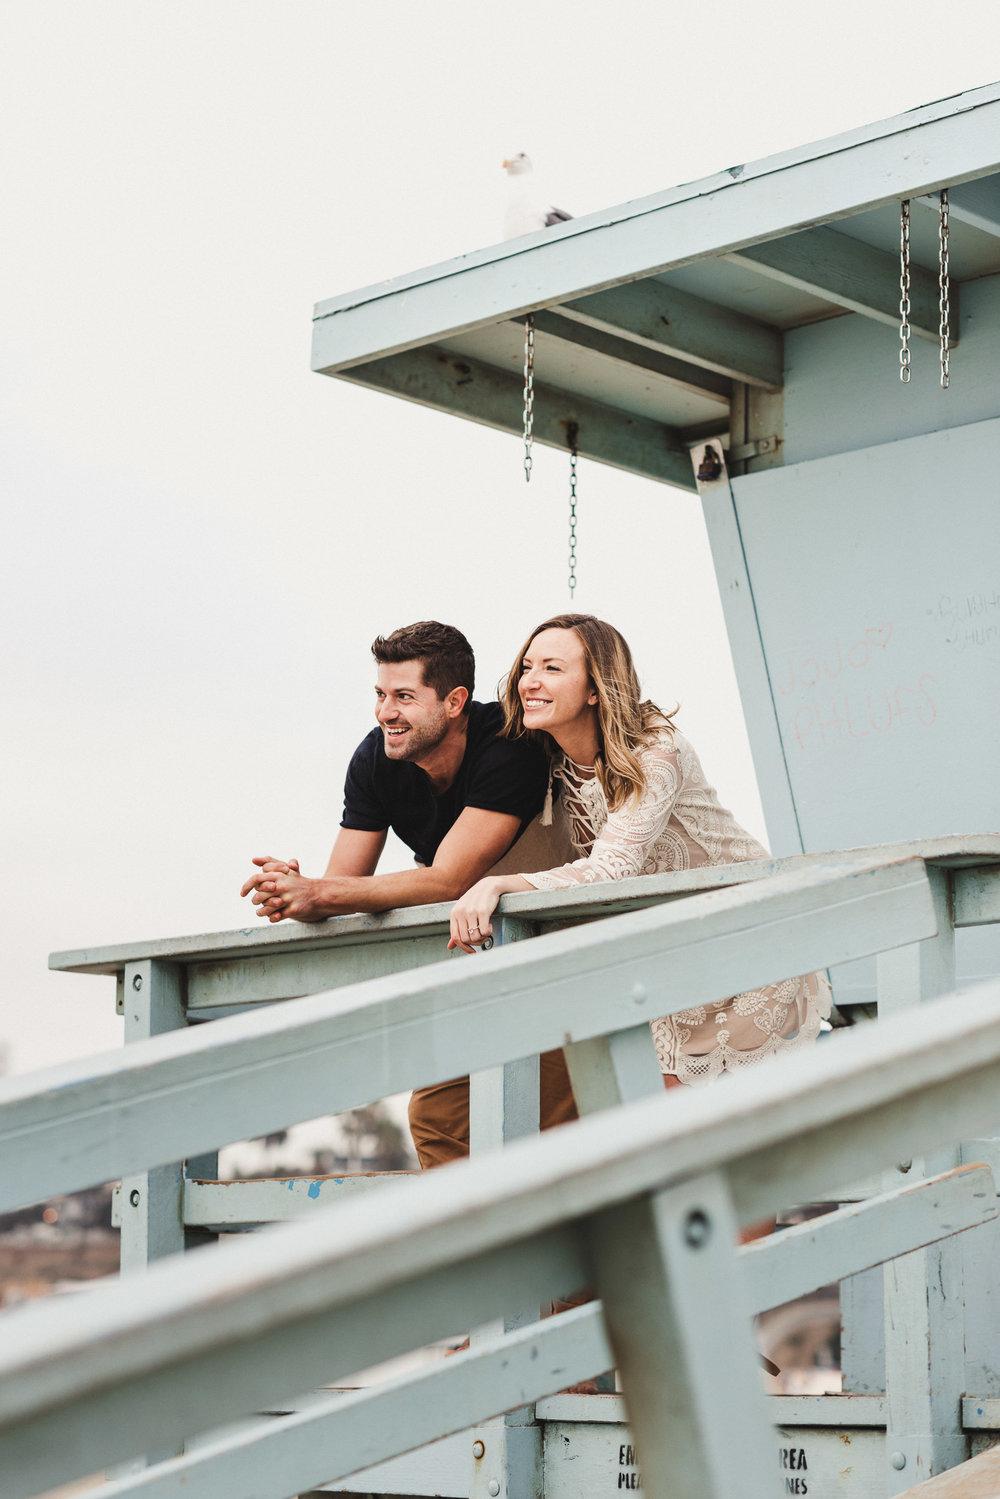 sKate + Danny - Engagement, Santa Monica-60.jpg